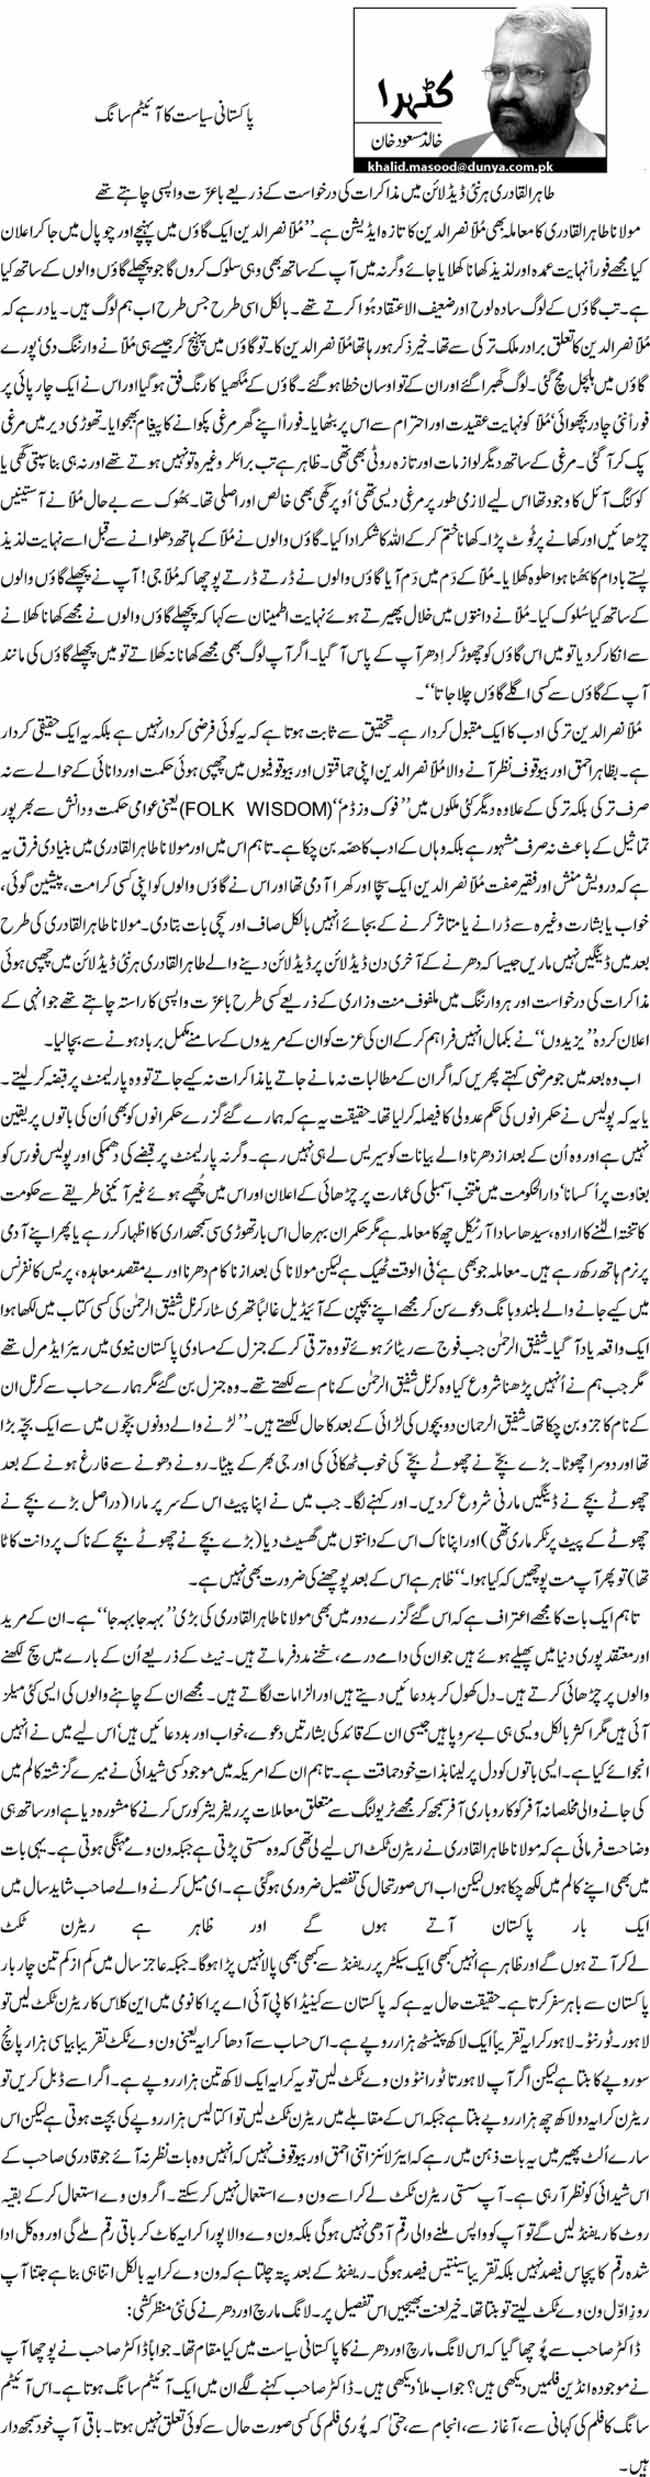 پاکستانی سیاست کا آئیٹم سانگ